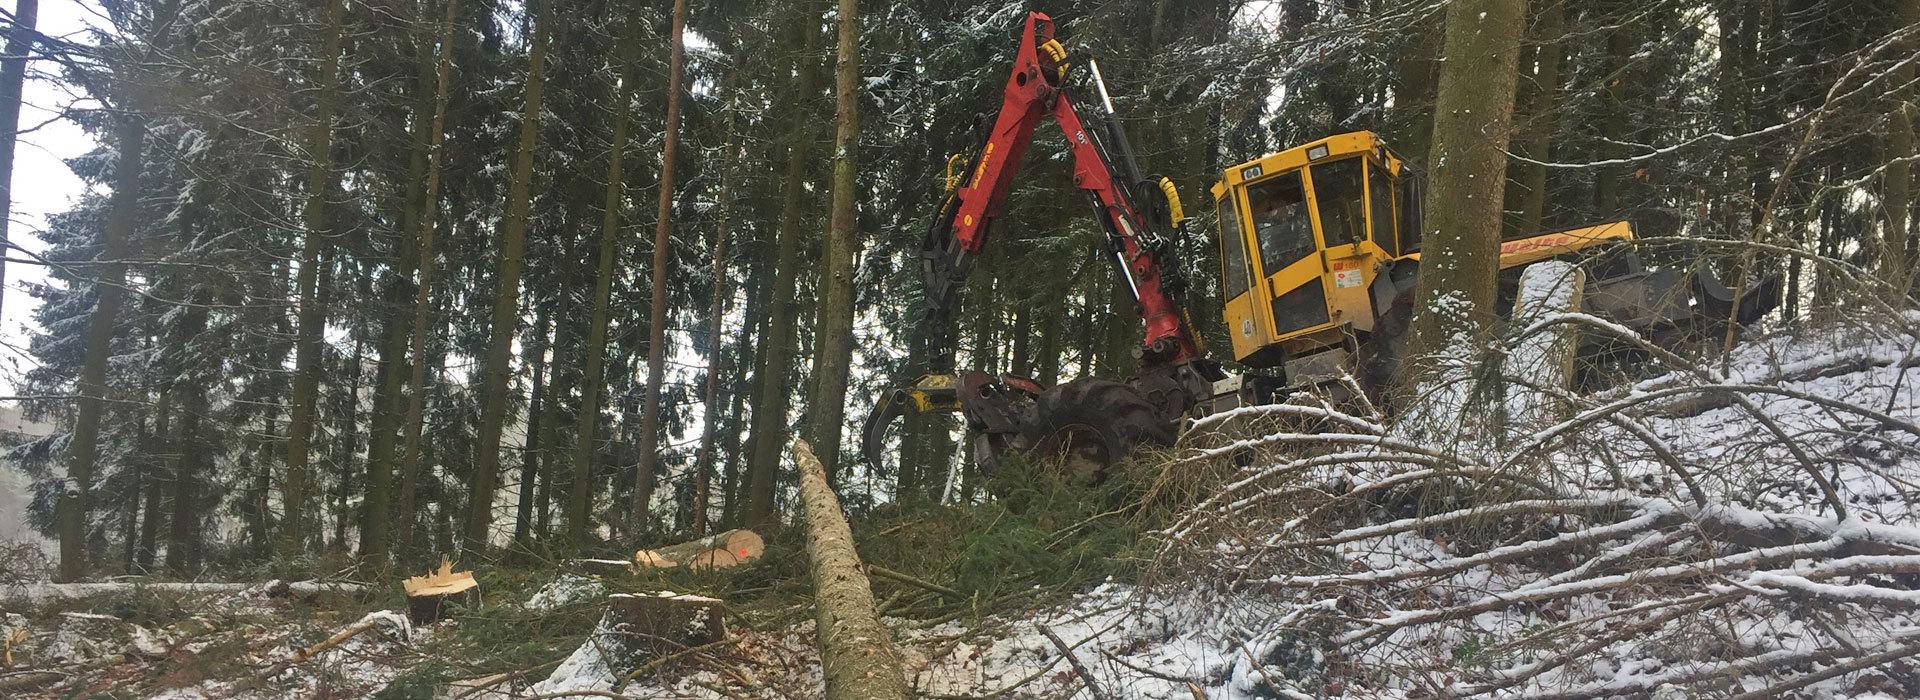 Holzeinschlag-Holzrueckung-2